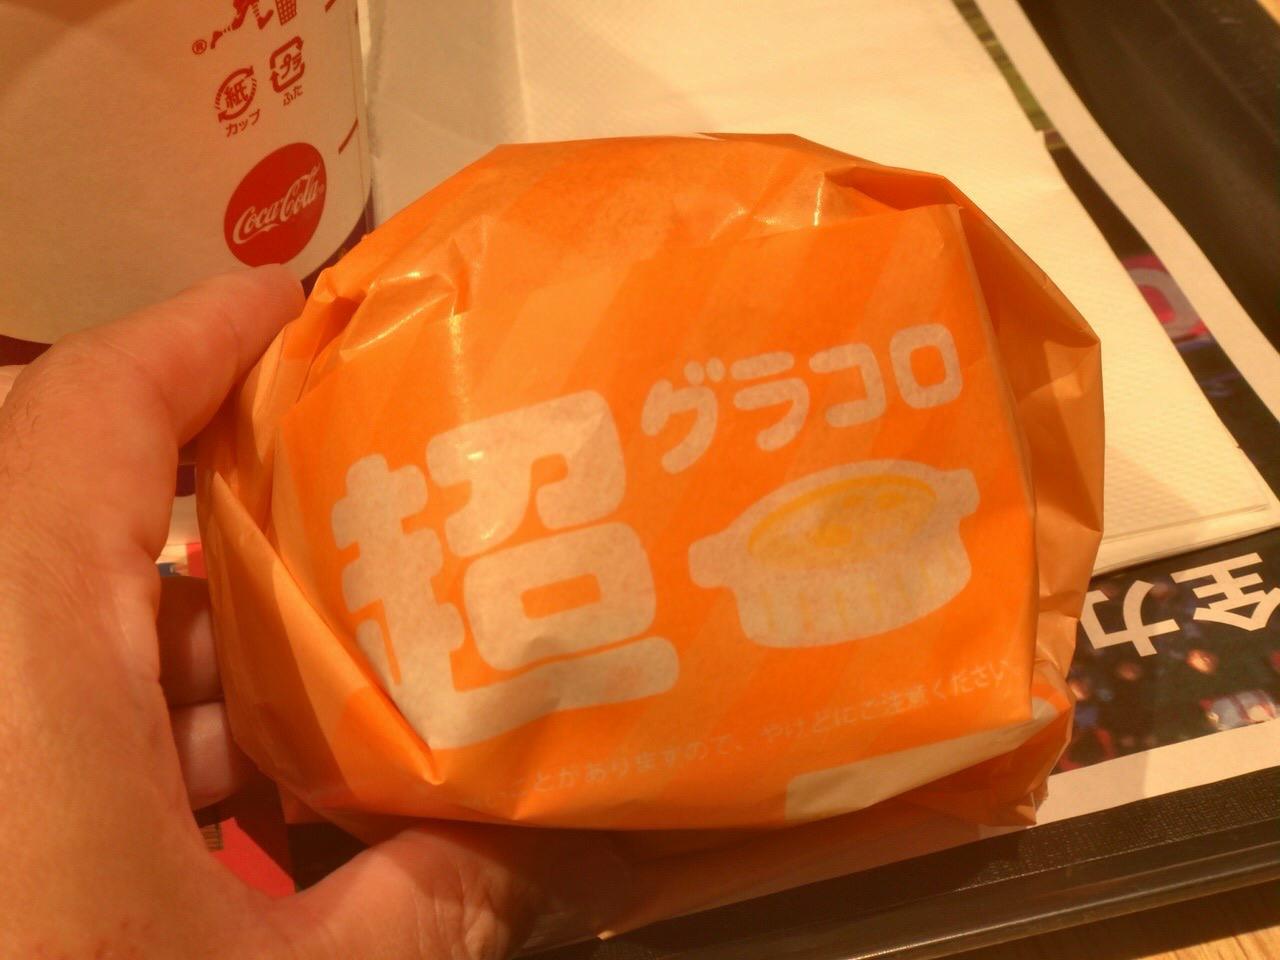 【マクドナルド】冬の定番「超グラコロ」食べた